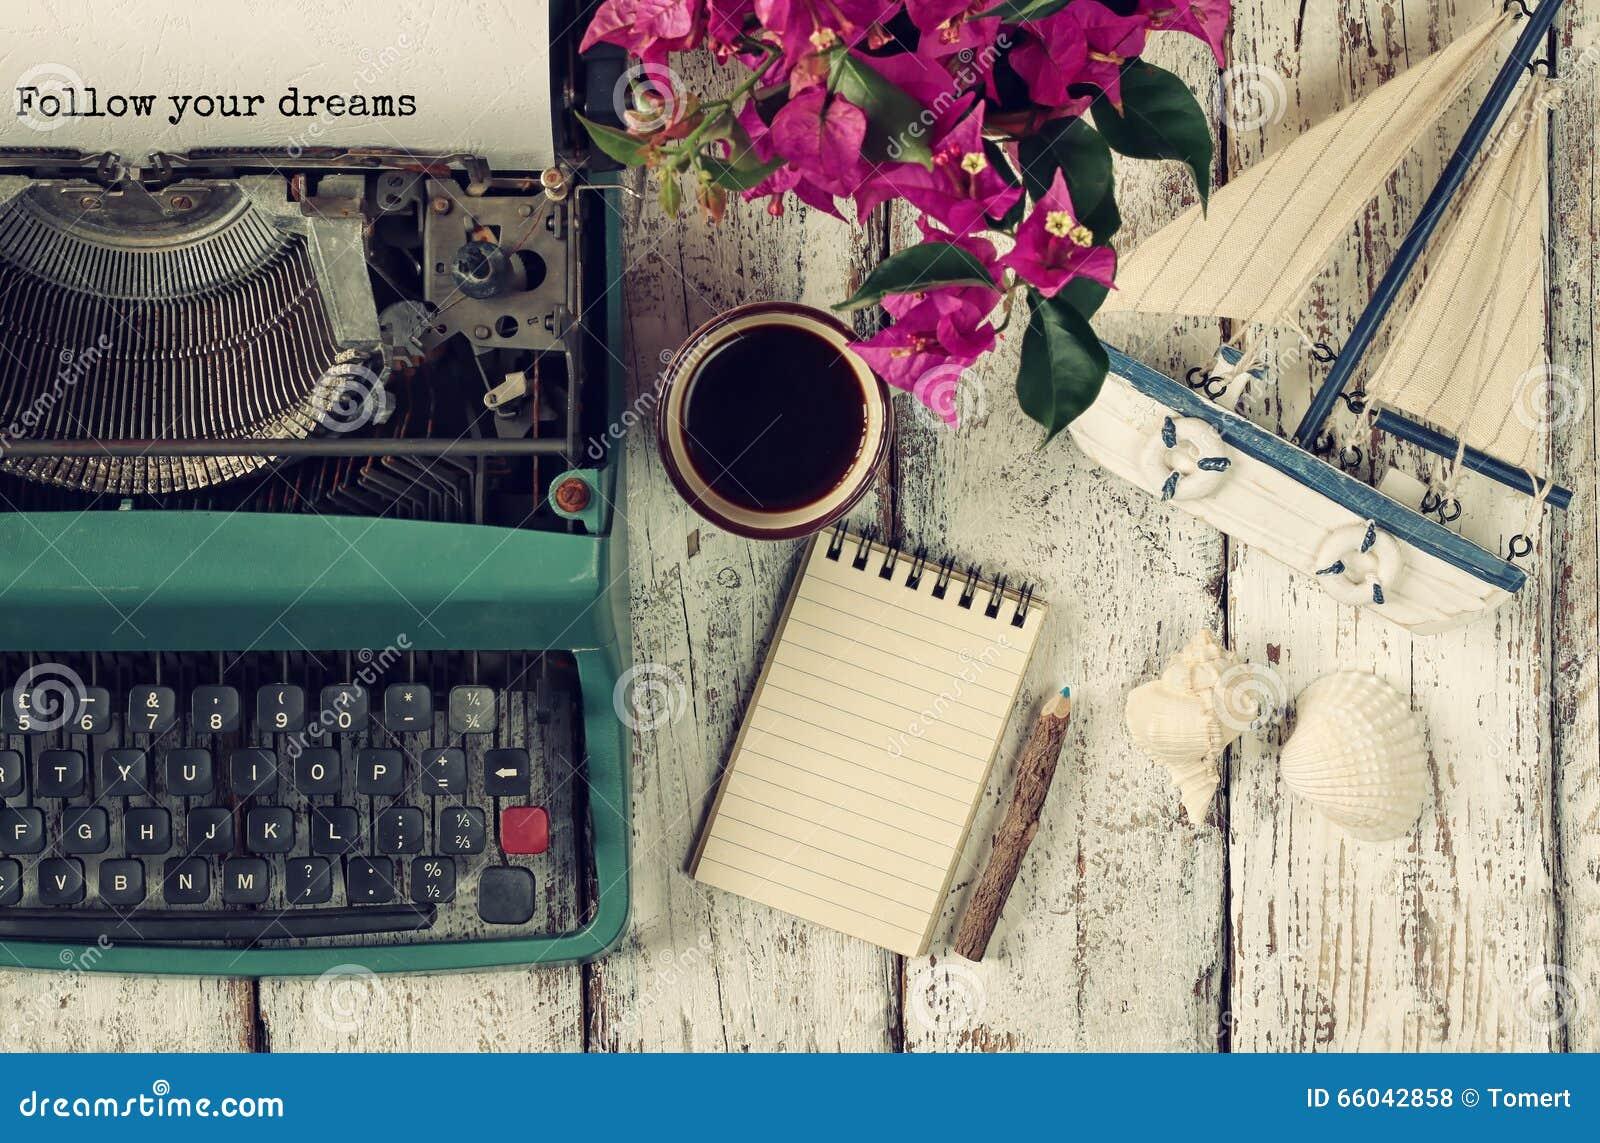 Изображение винтажной машинки с фразой следовать вашими мечтами, пустой тетрадью, чашкой кофе и старым парусником